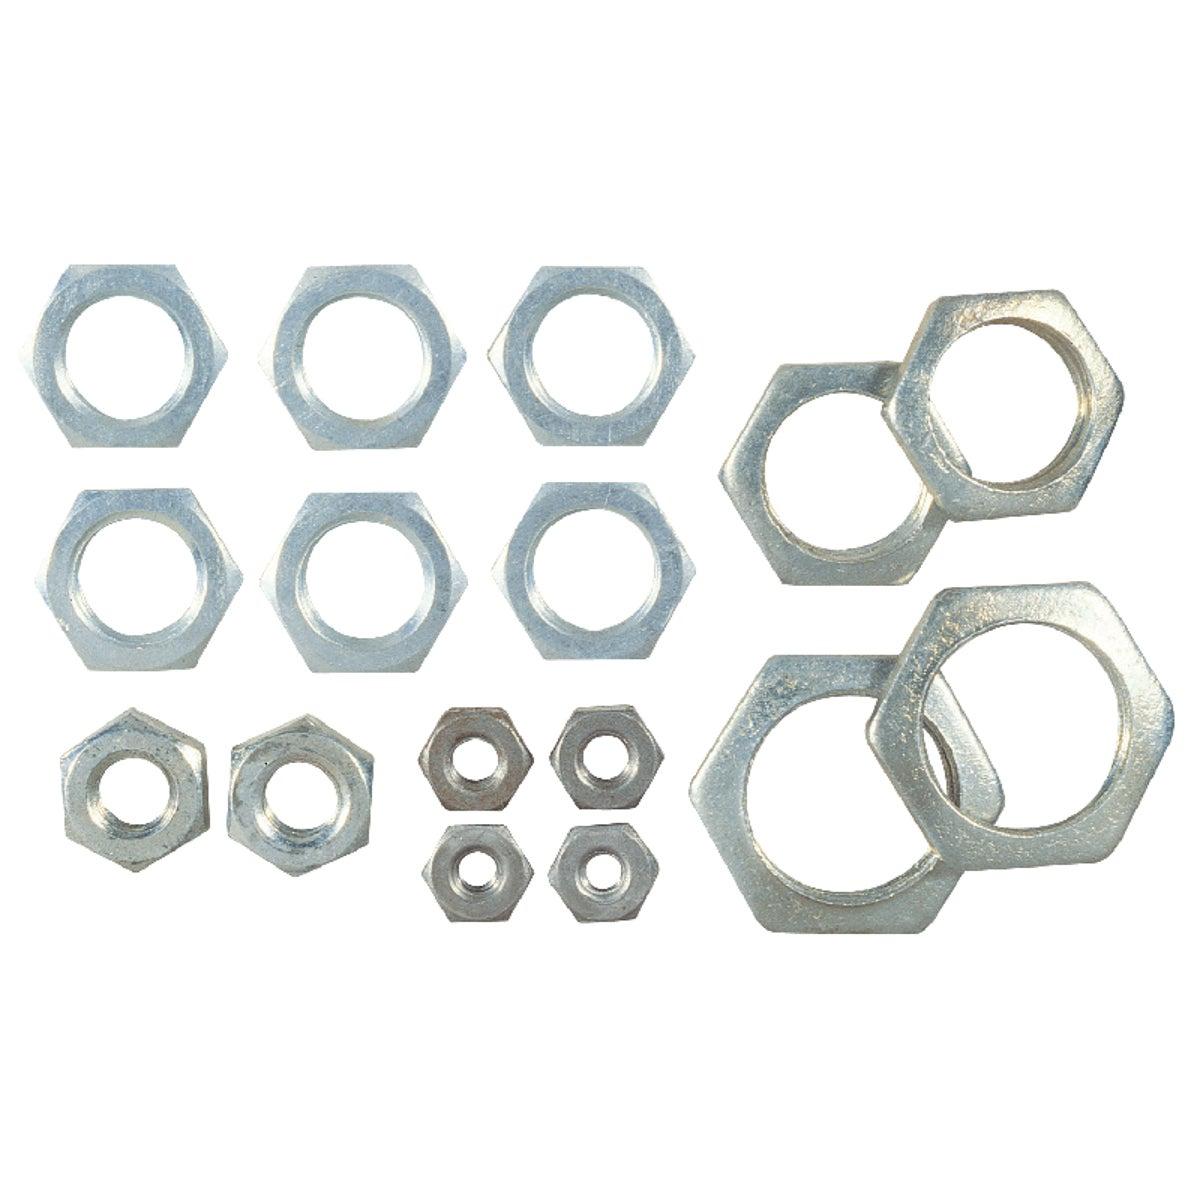 ASSORTED STEEL LOCKNUTS